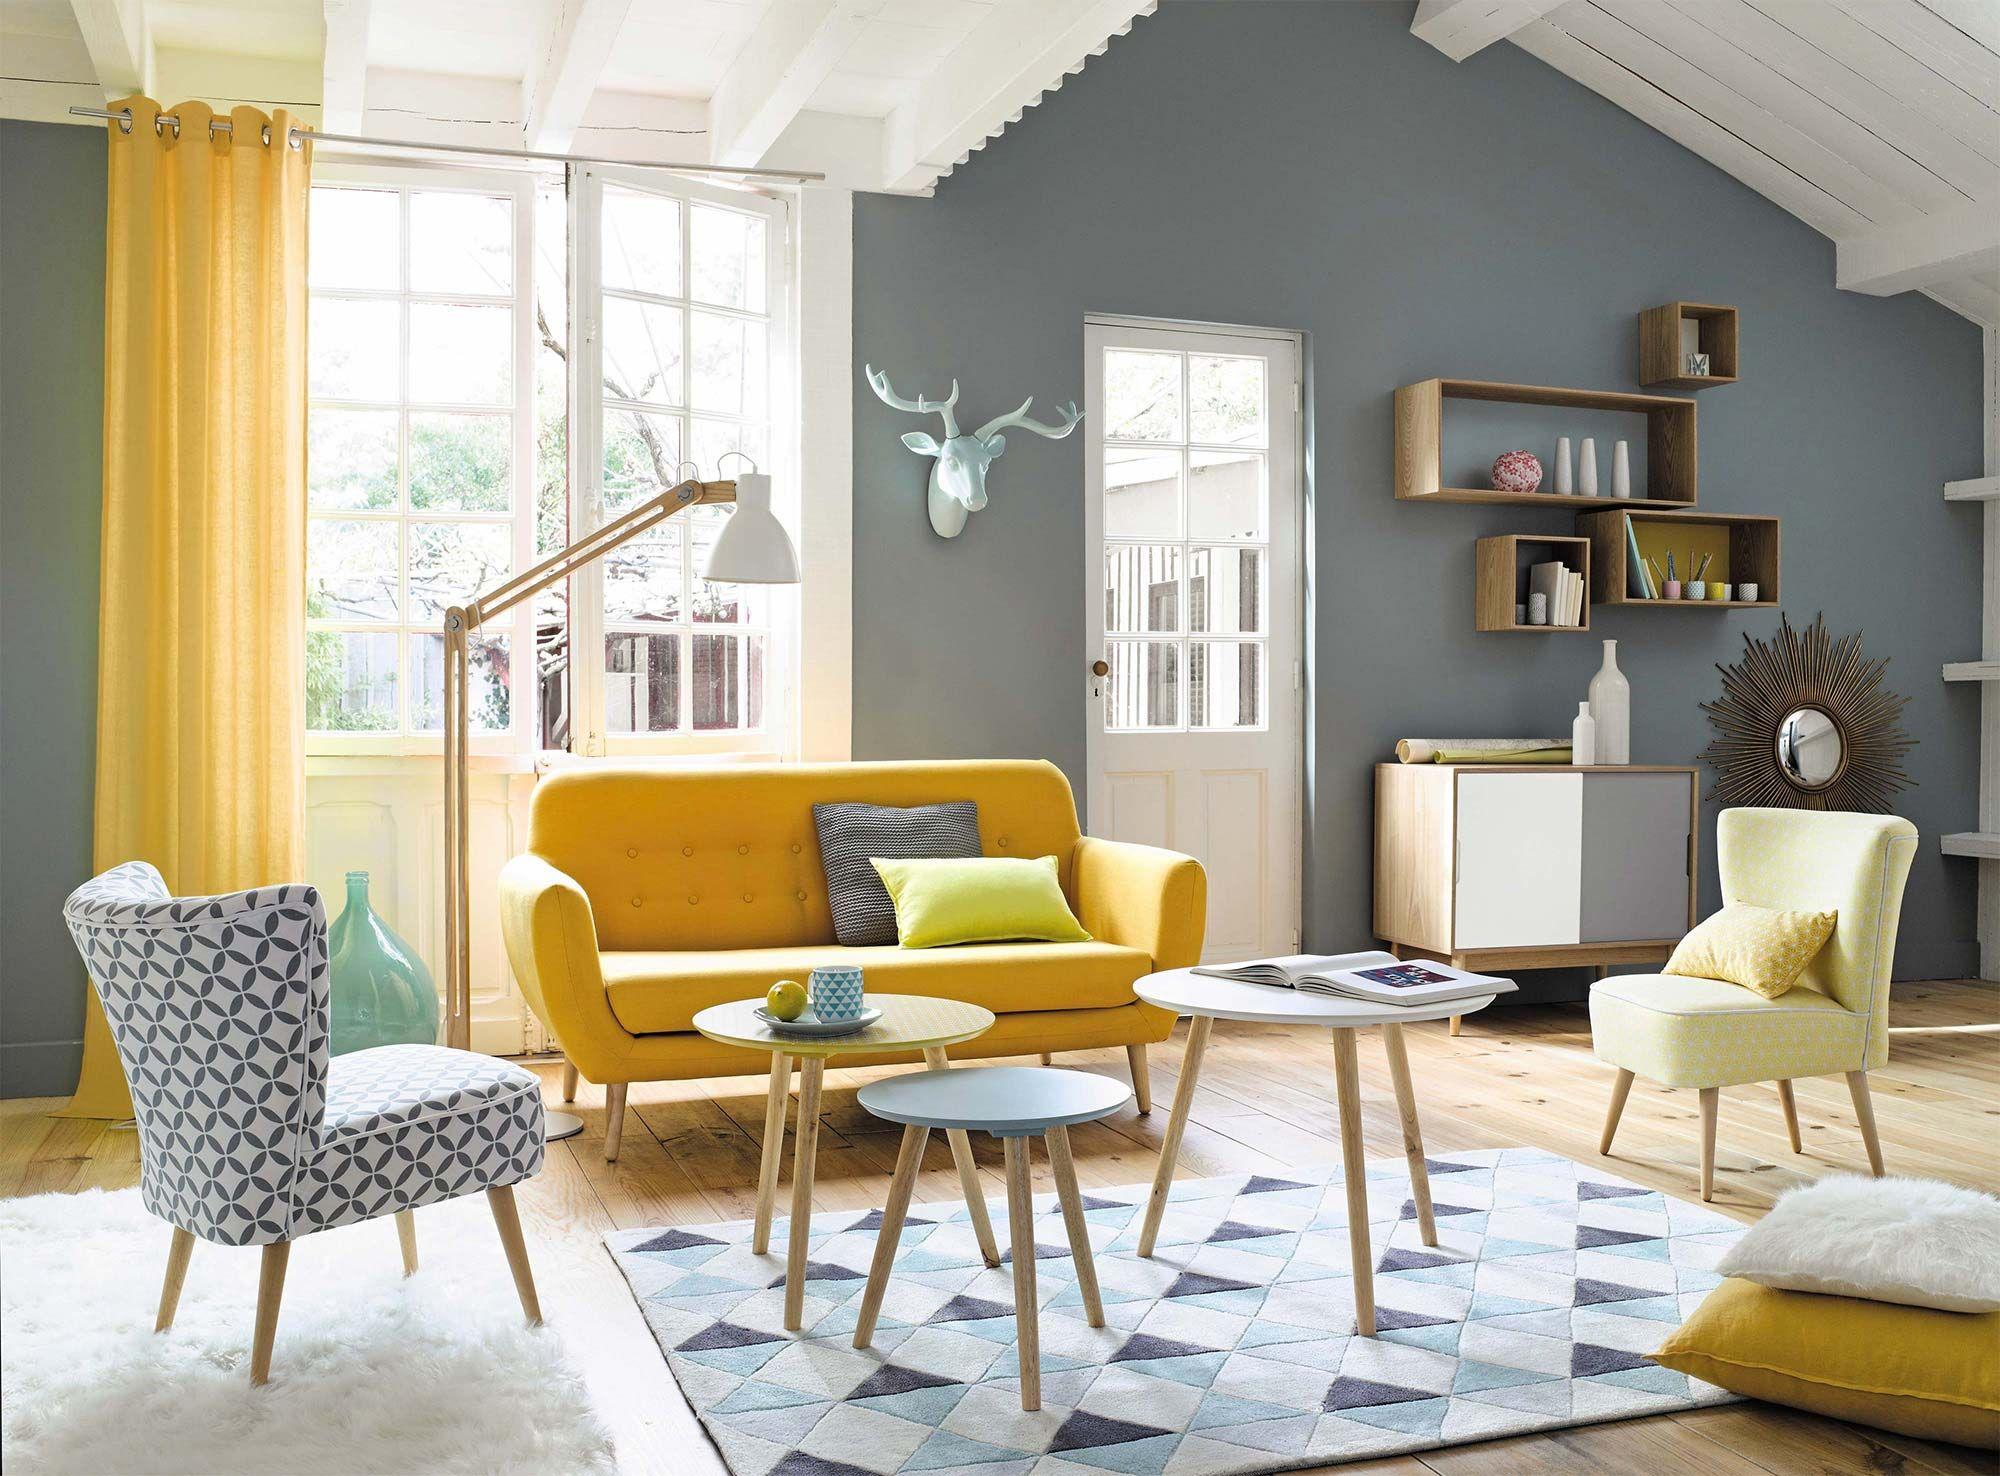 Bien Choisir Son Canape En Tissu Artsdeco Org Deco Maison Deco Salon Deco Interieure